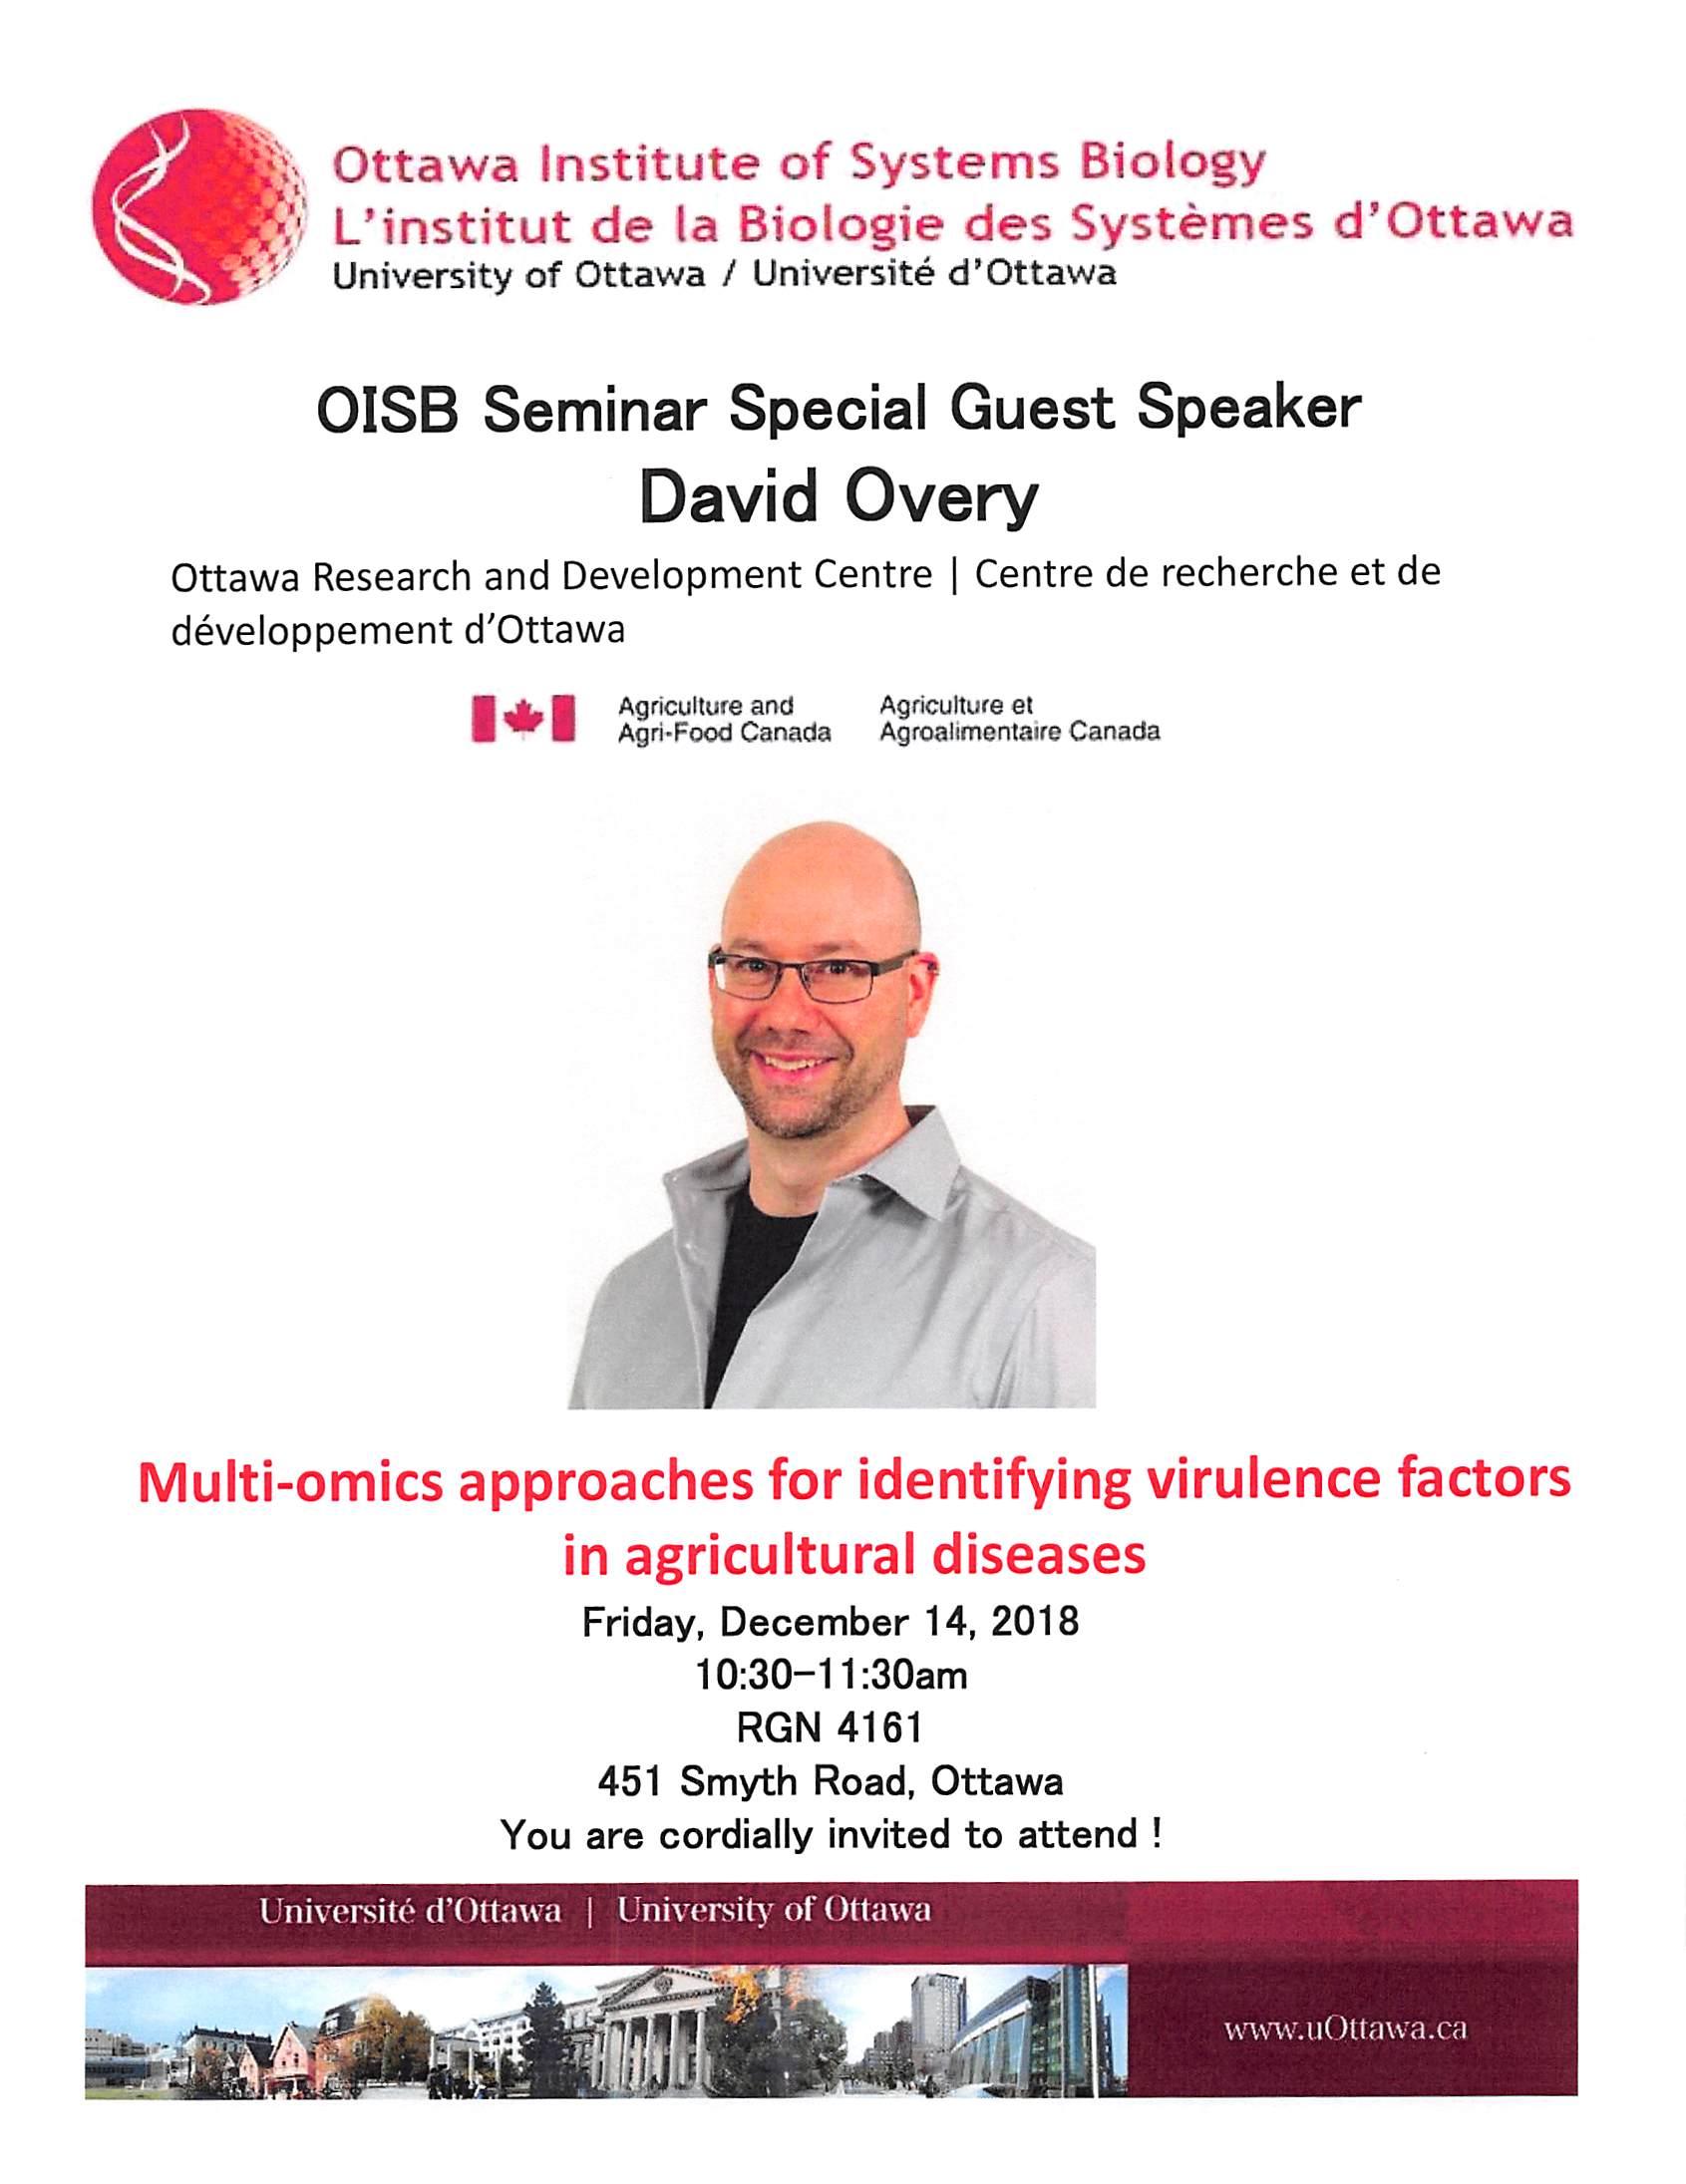 poster announcing seminar